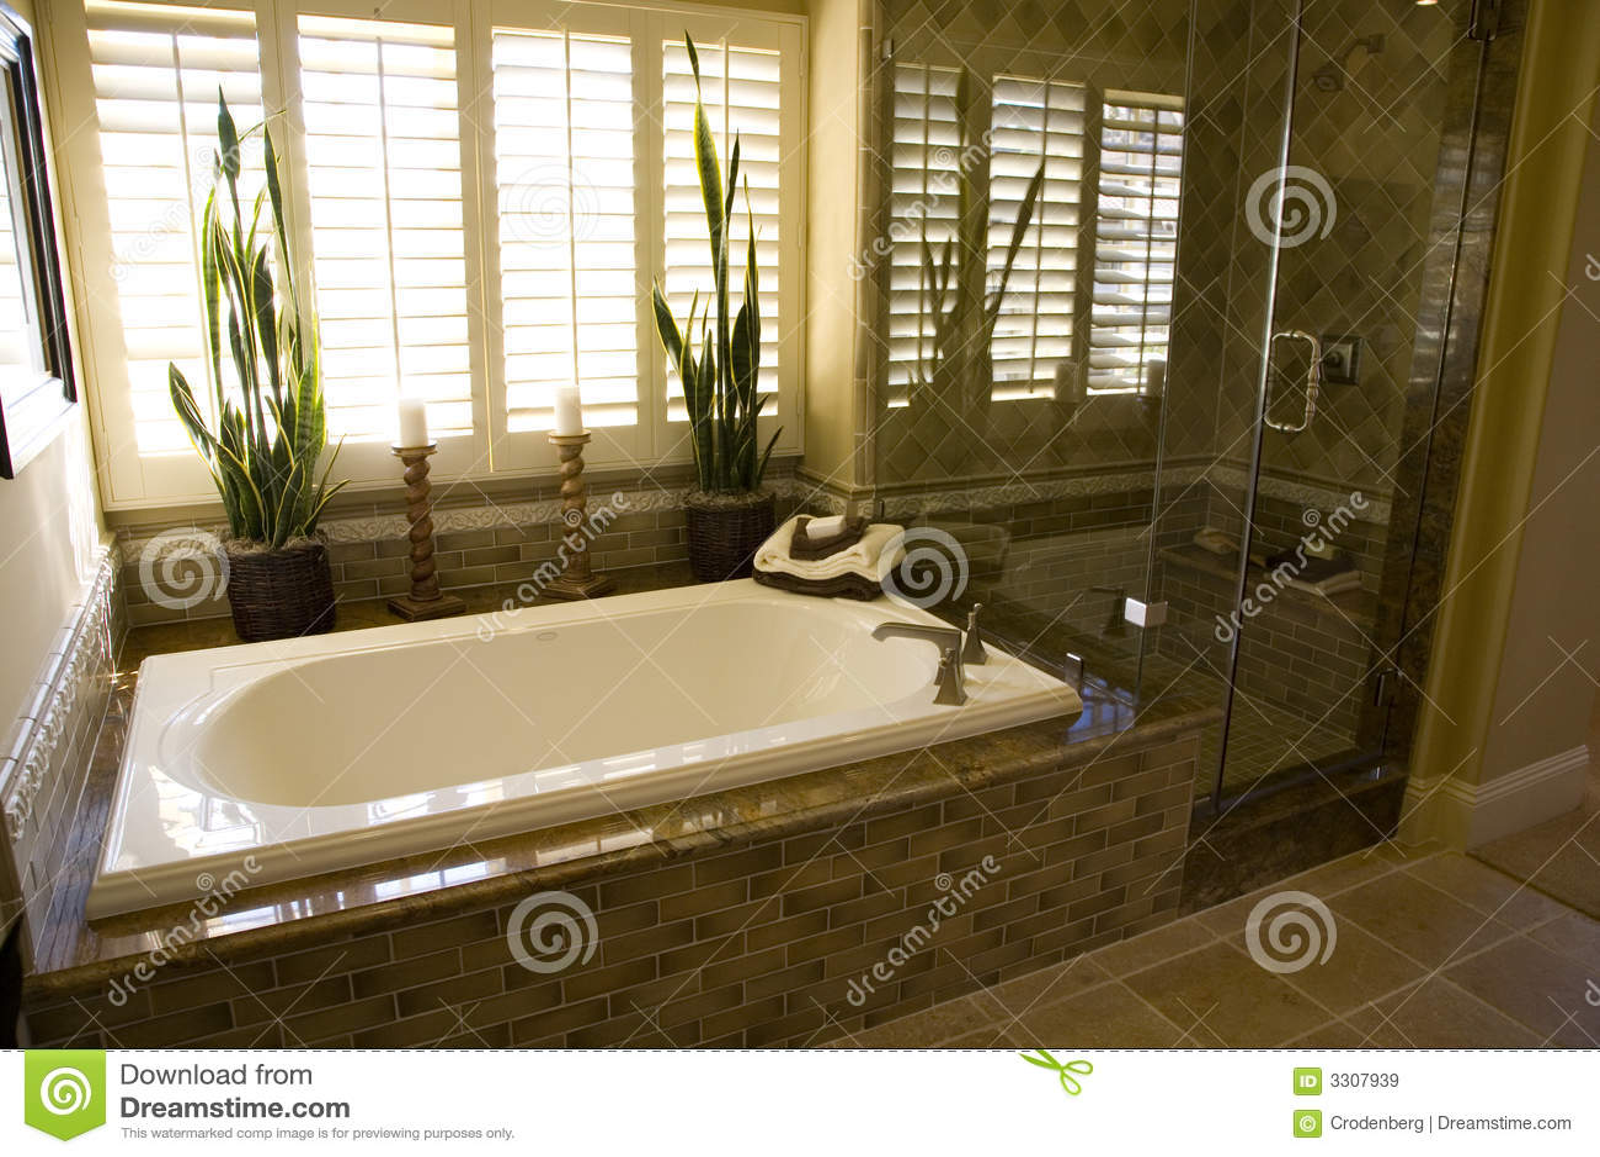 Cuba Do Banheiro E Chuveiro 1951 Imagens de Stock Royalty Free  #82A229 1300x957 Banheiro Com Banheira E Chuveiro